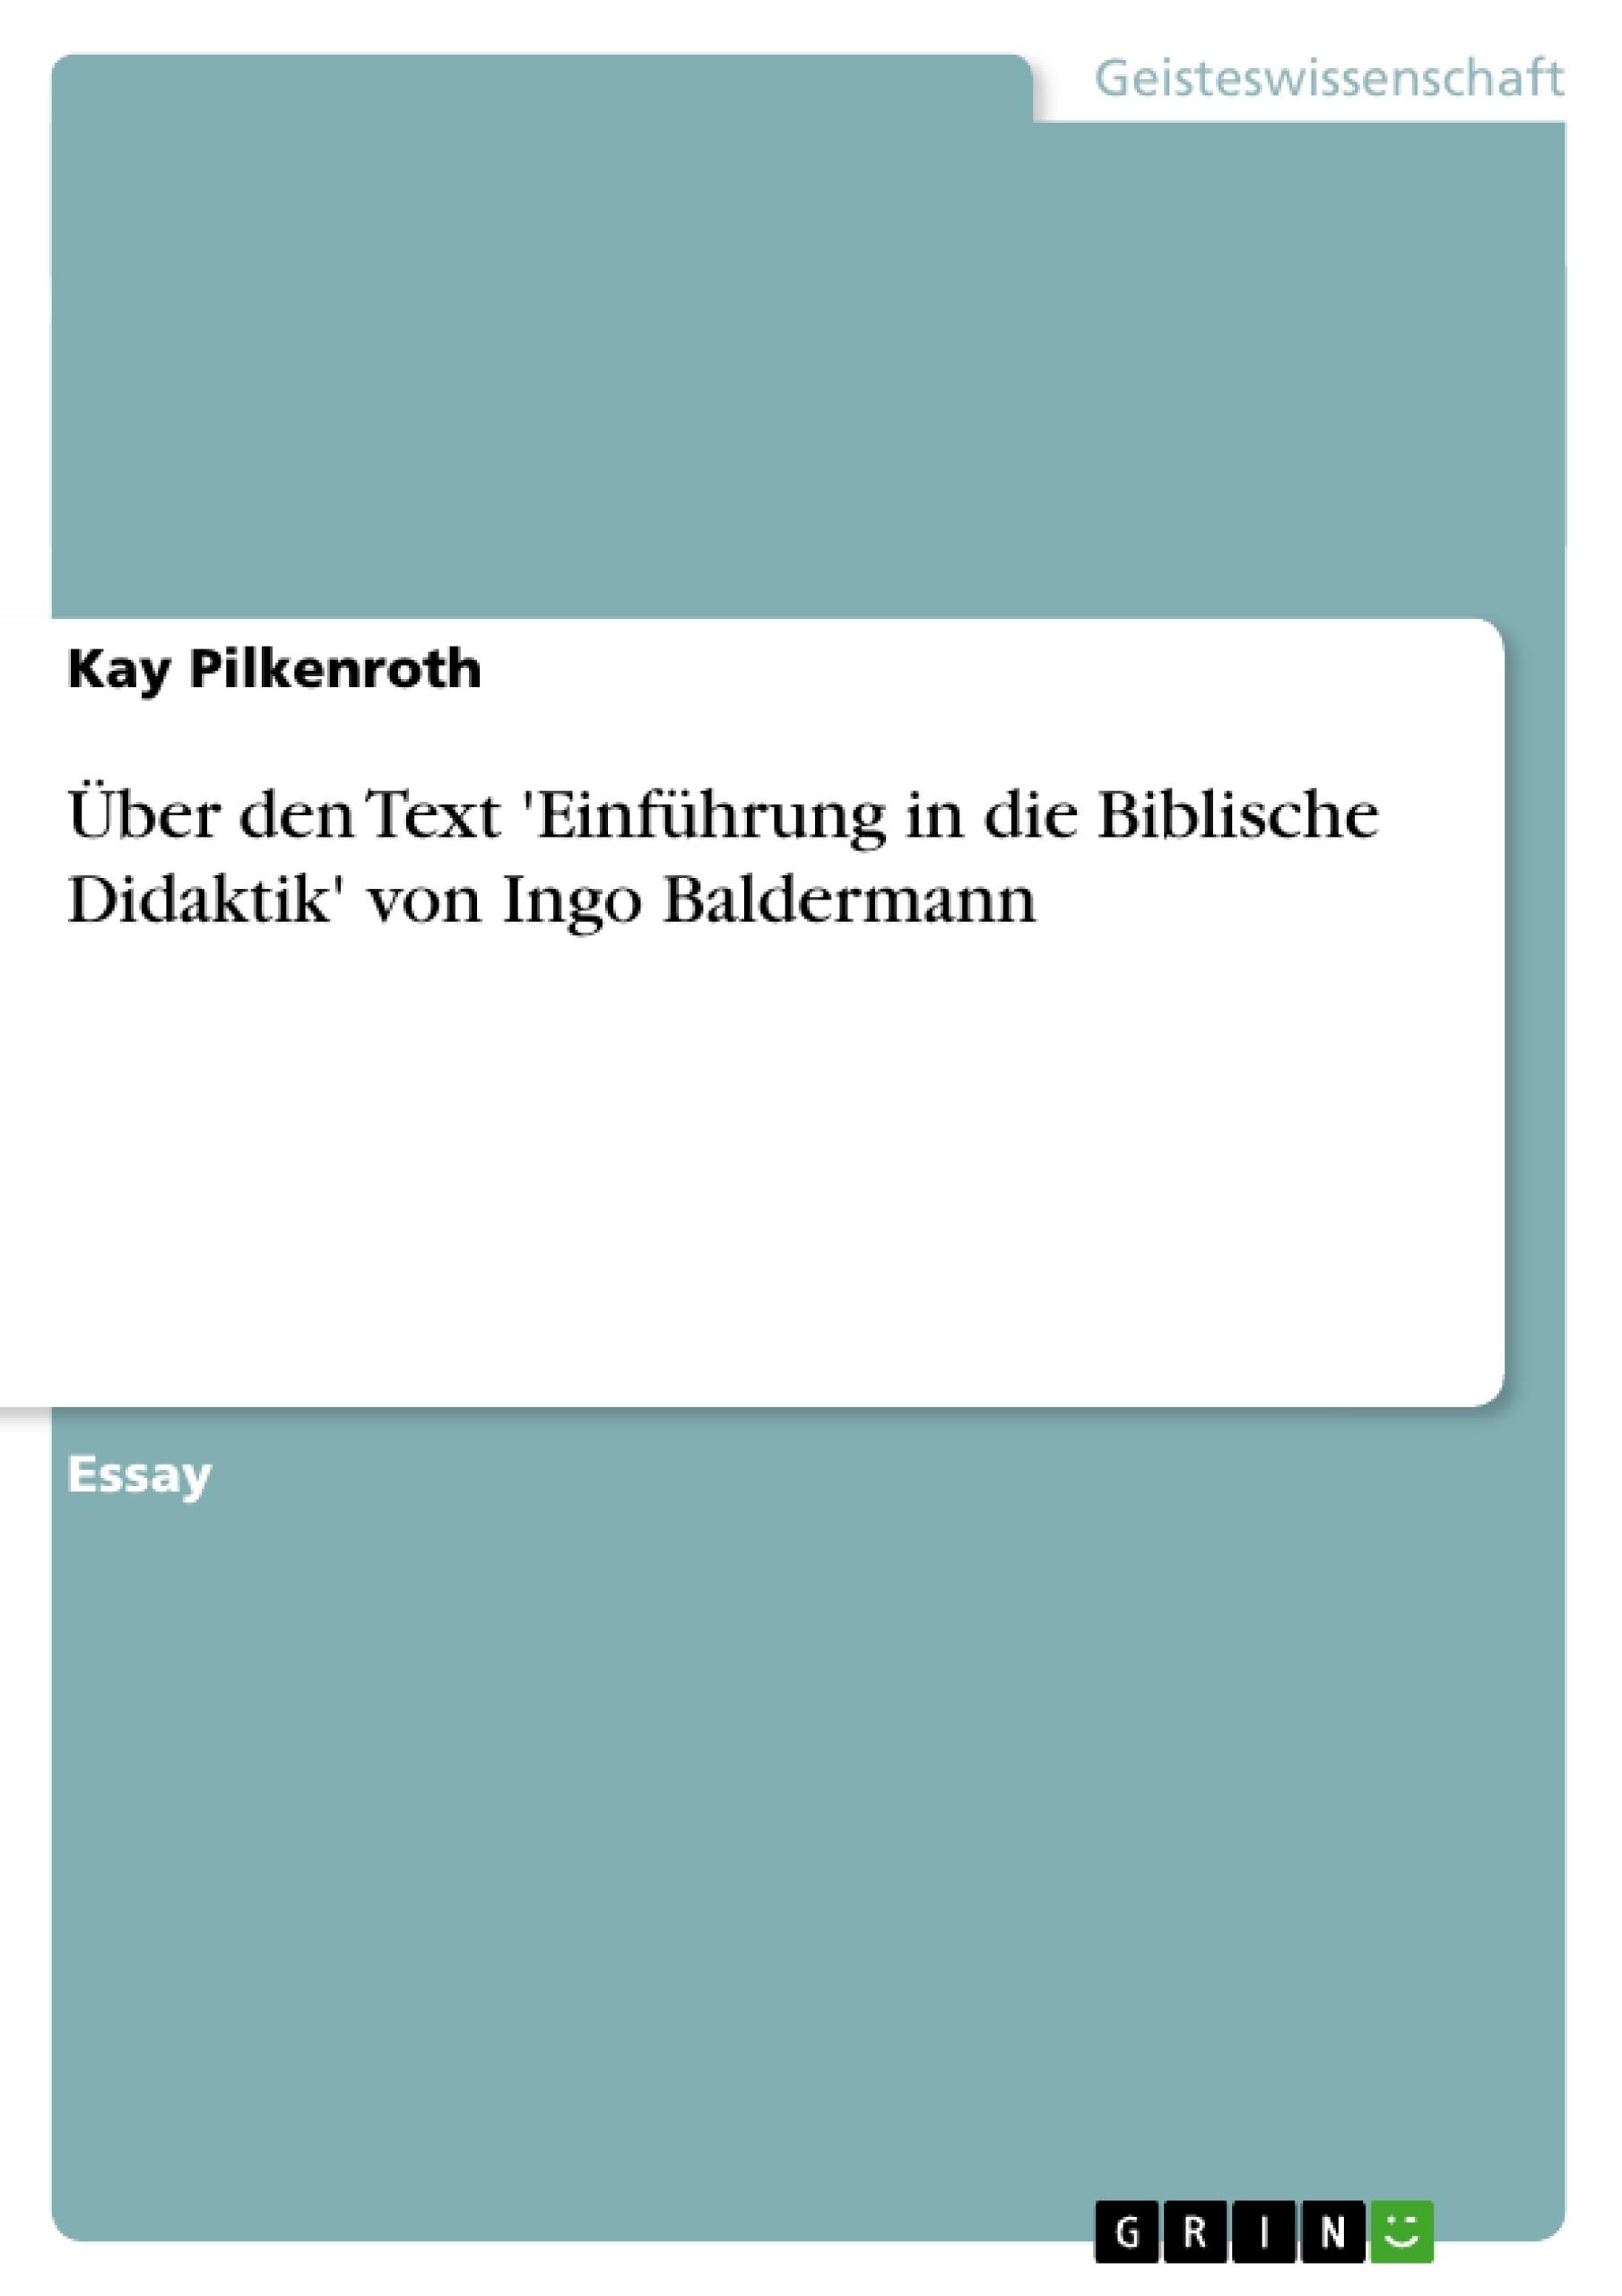 Titel: Über den Text 'Einführung in die Biblische Didaktik' von Ingo Baldermann